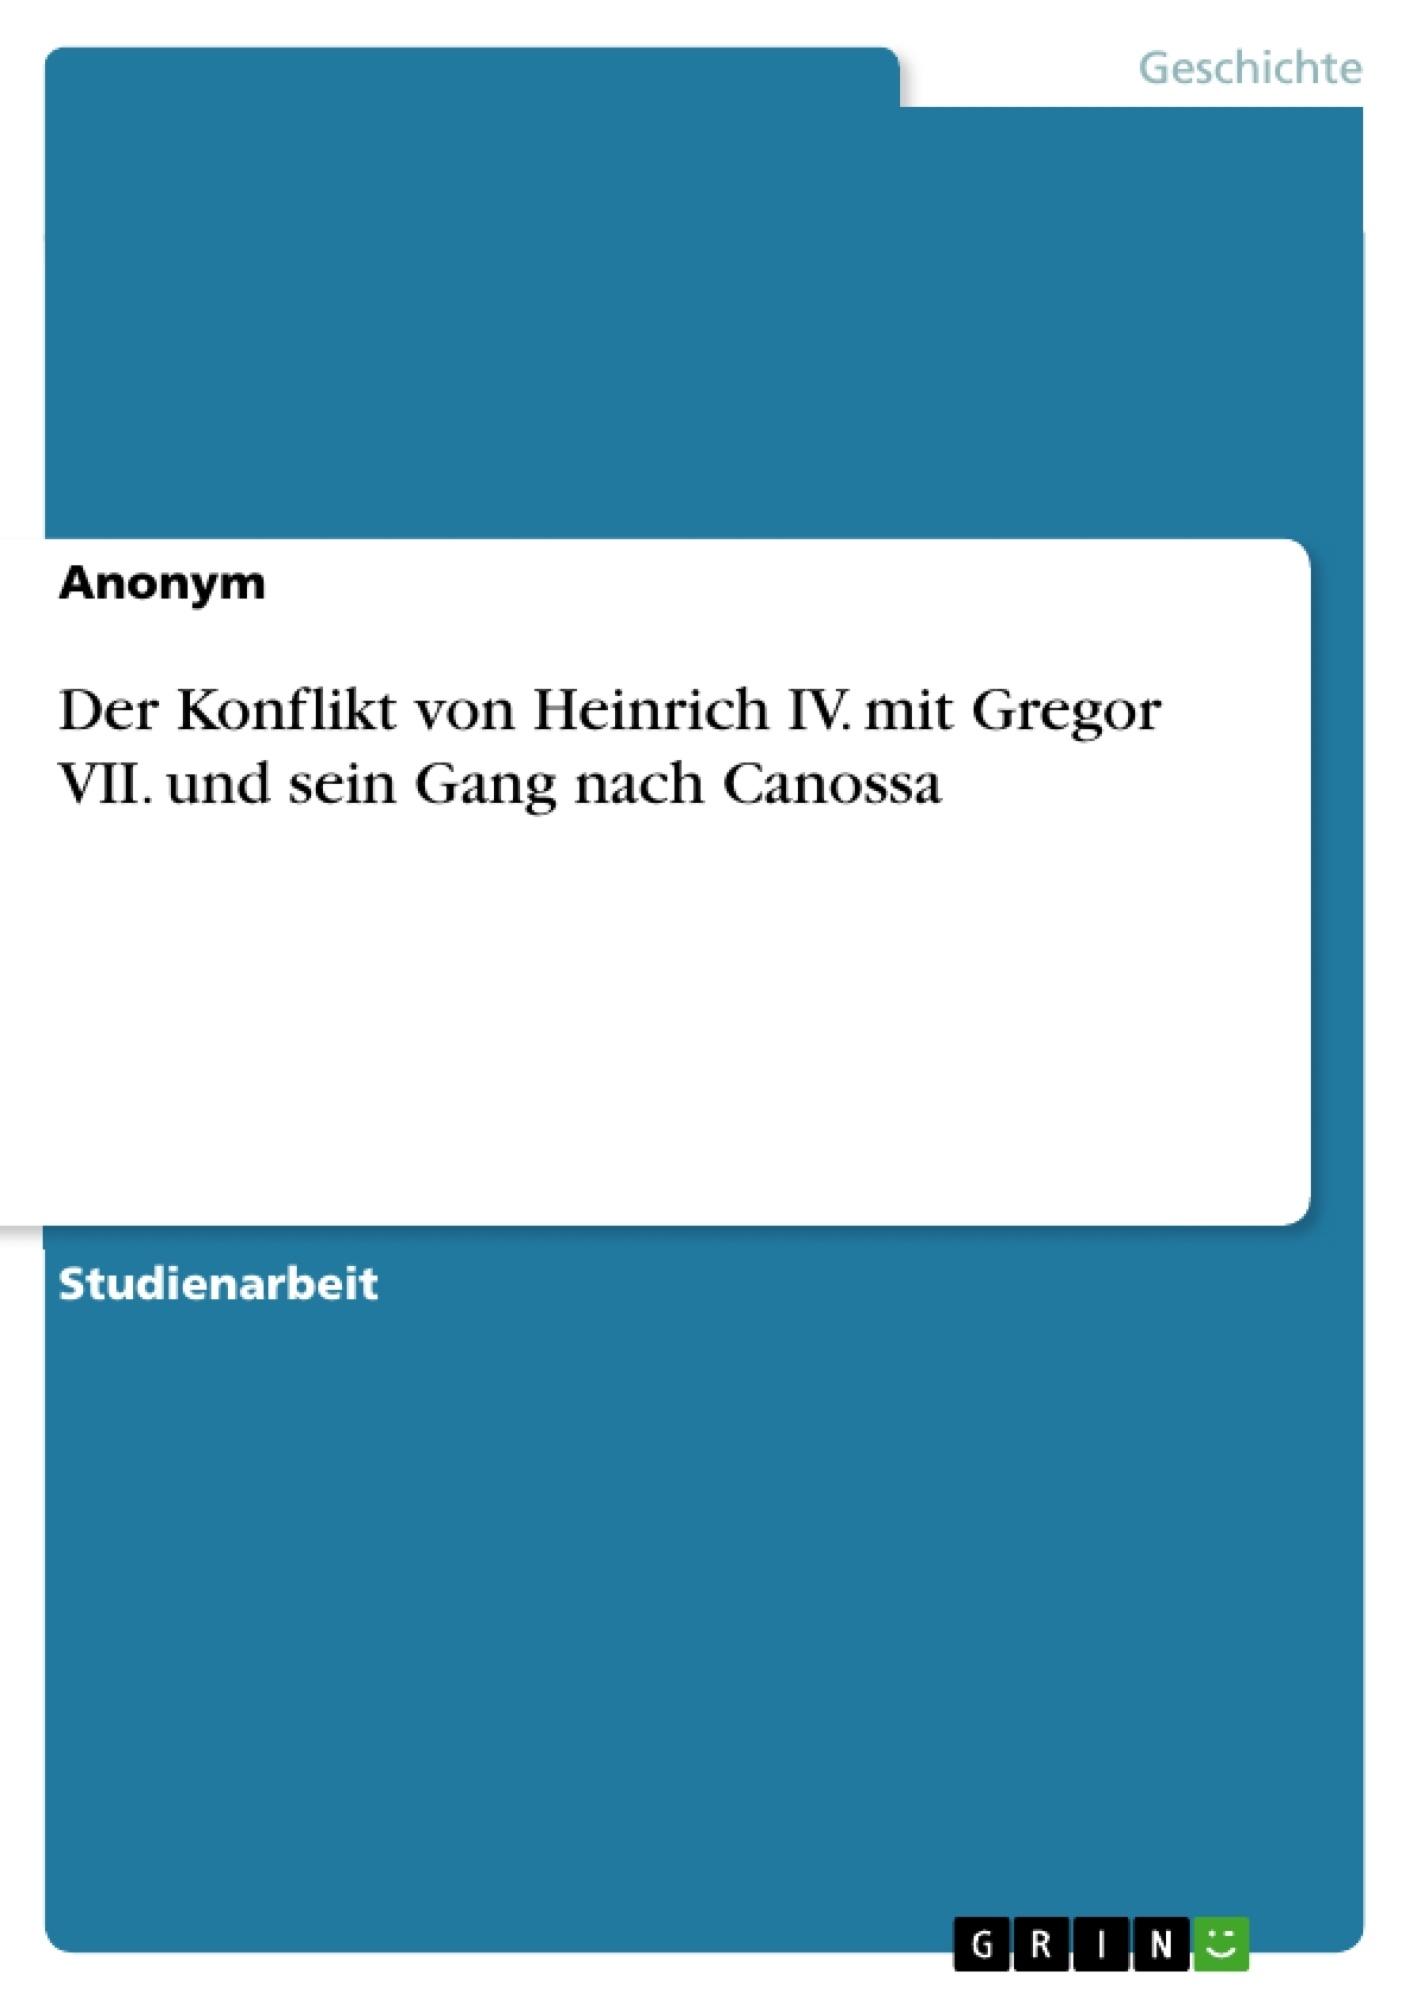 Titel: Der Konflikt von Heinrich IV. mit Gregor VII. und sein Gang nach Canossa